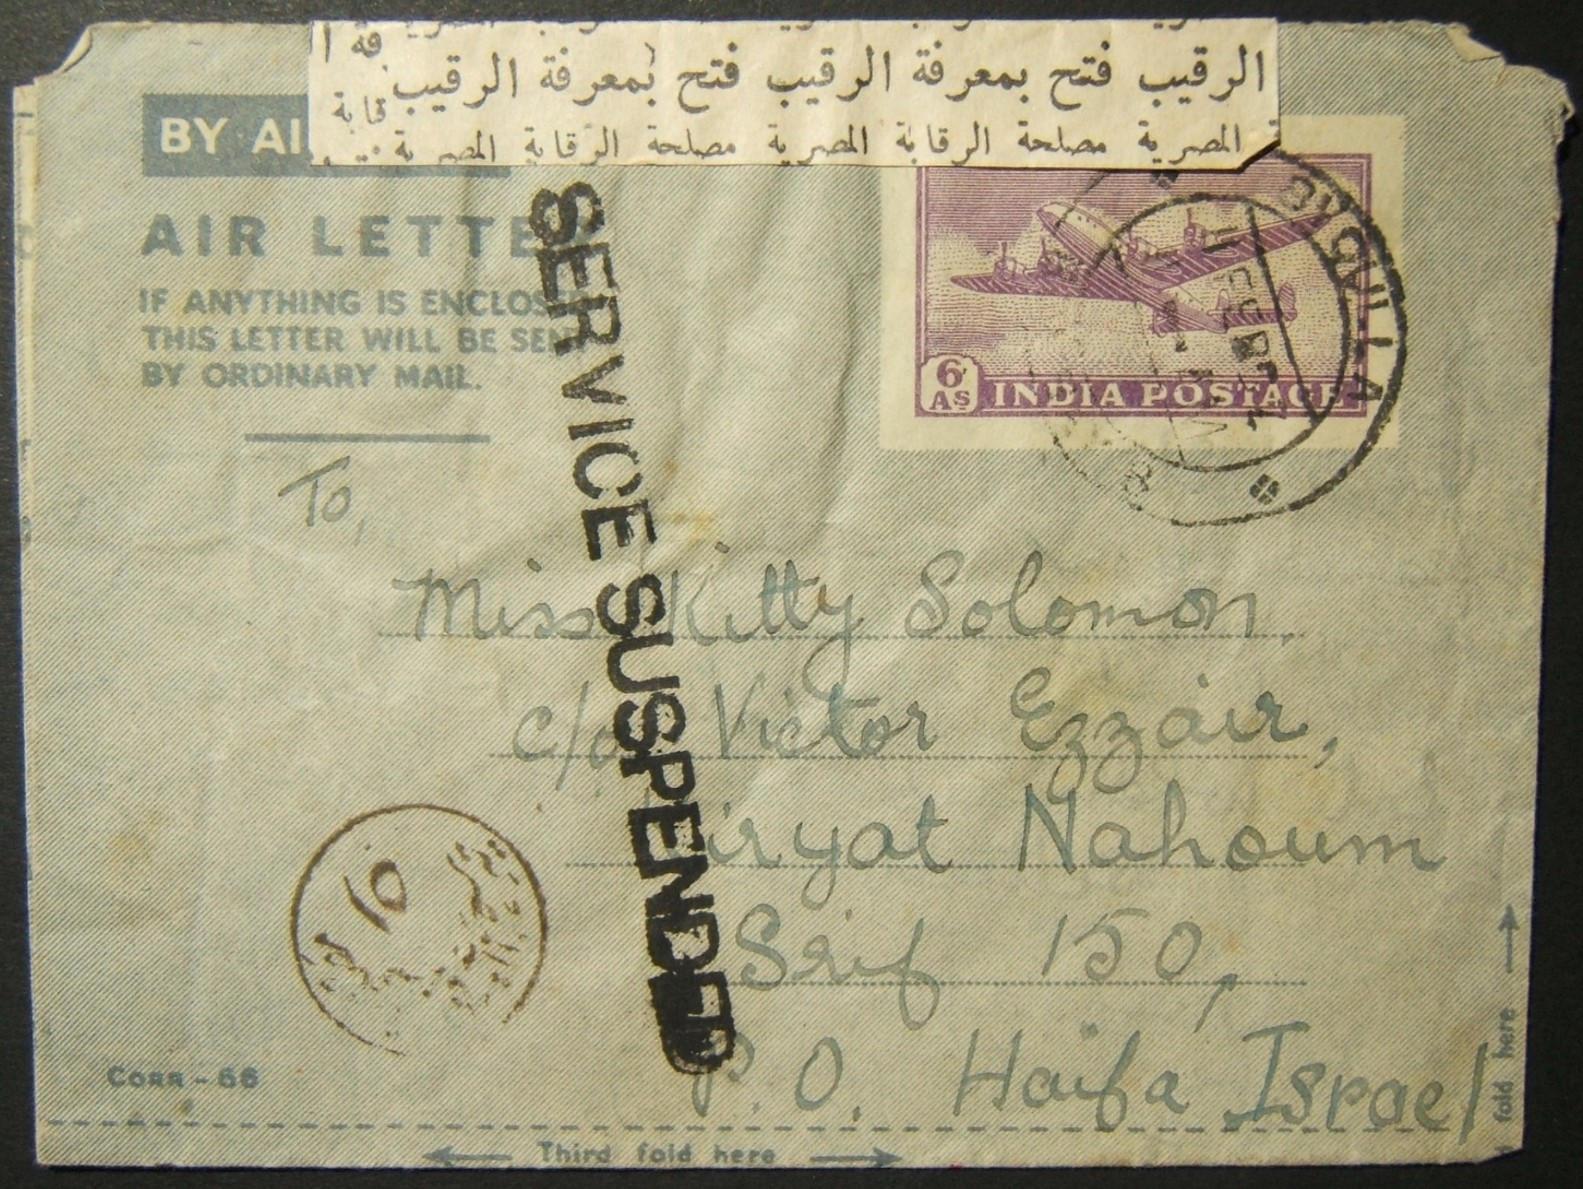 1952 ההודי השהה שירות סימון על דואר לישראל צנזורה / חזרה על ידי מצרים